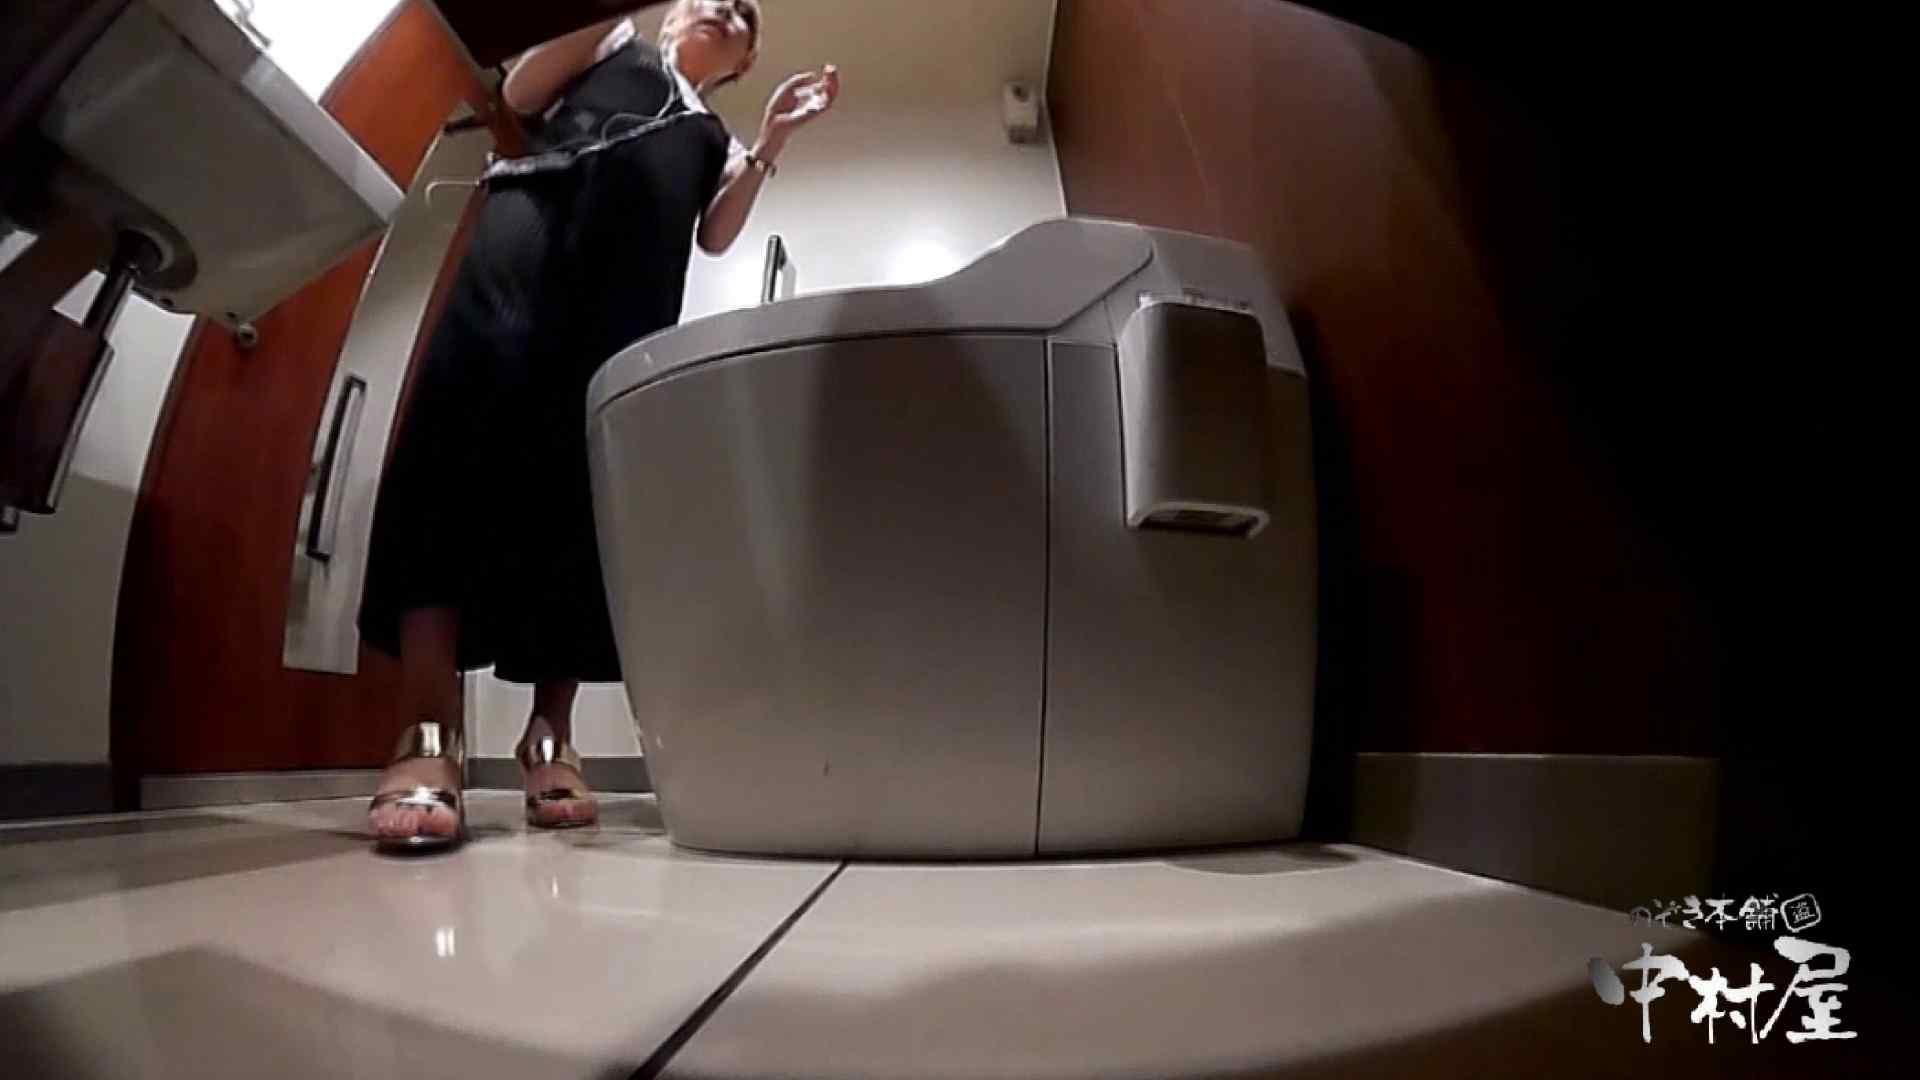 高画質トイレ盗撮vol.19 盗撮師作品 隠し撮りオマンコ動画紹介 89pic 48